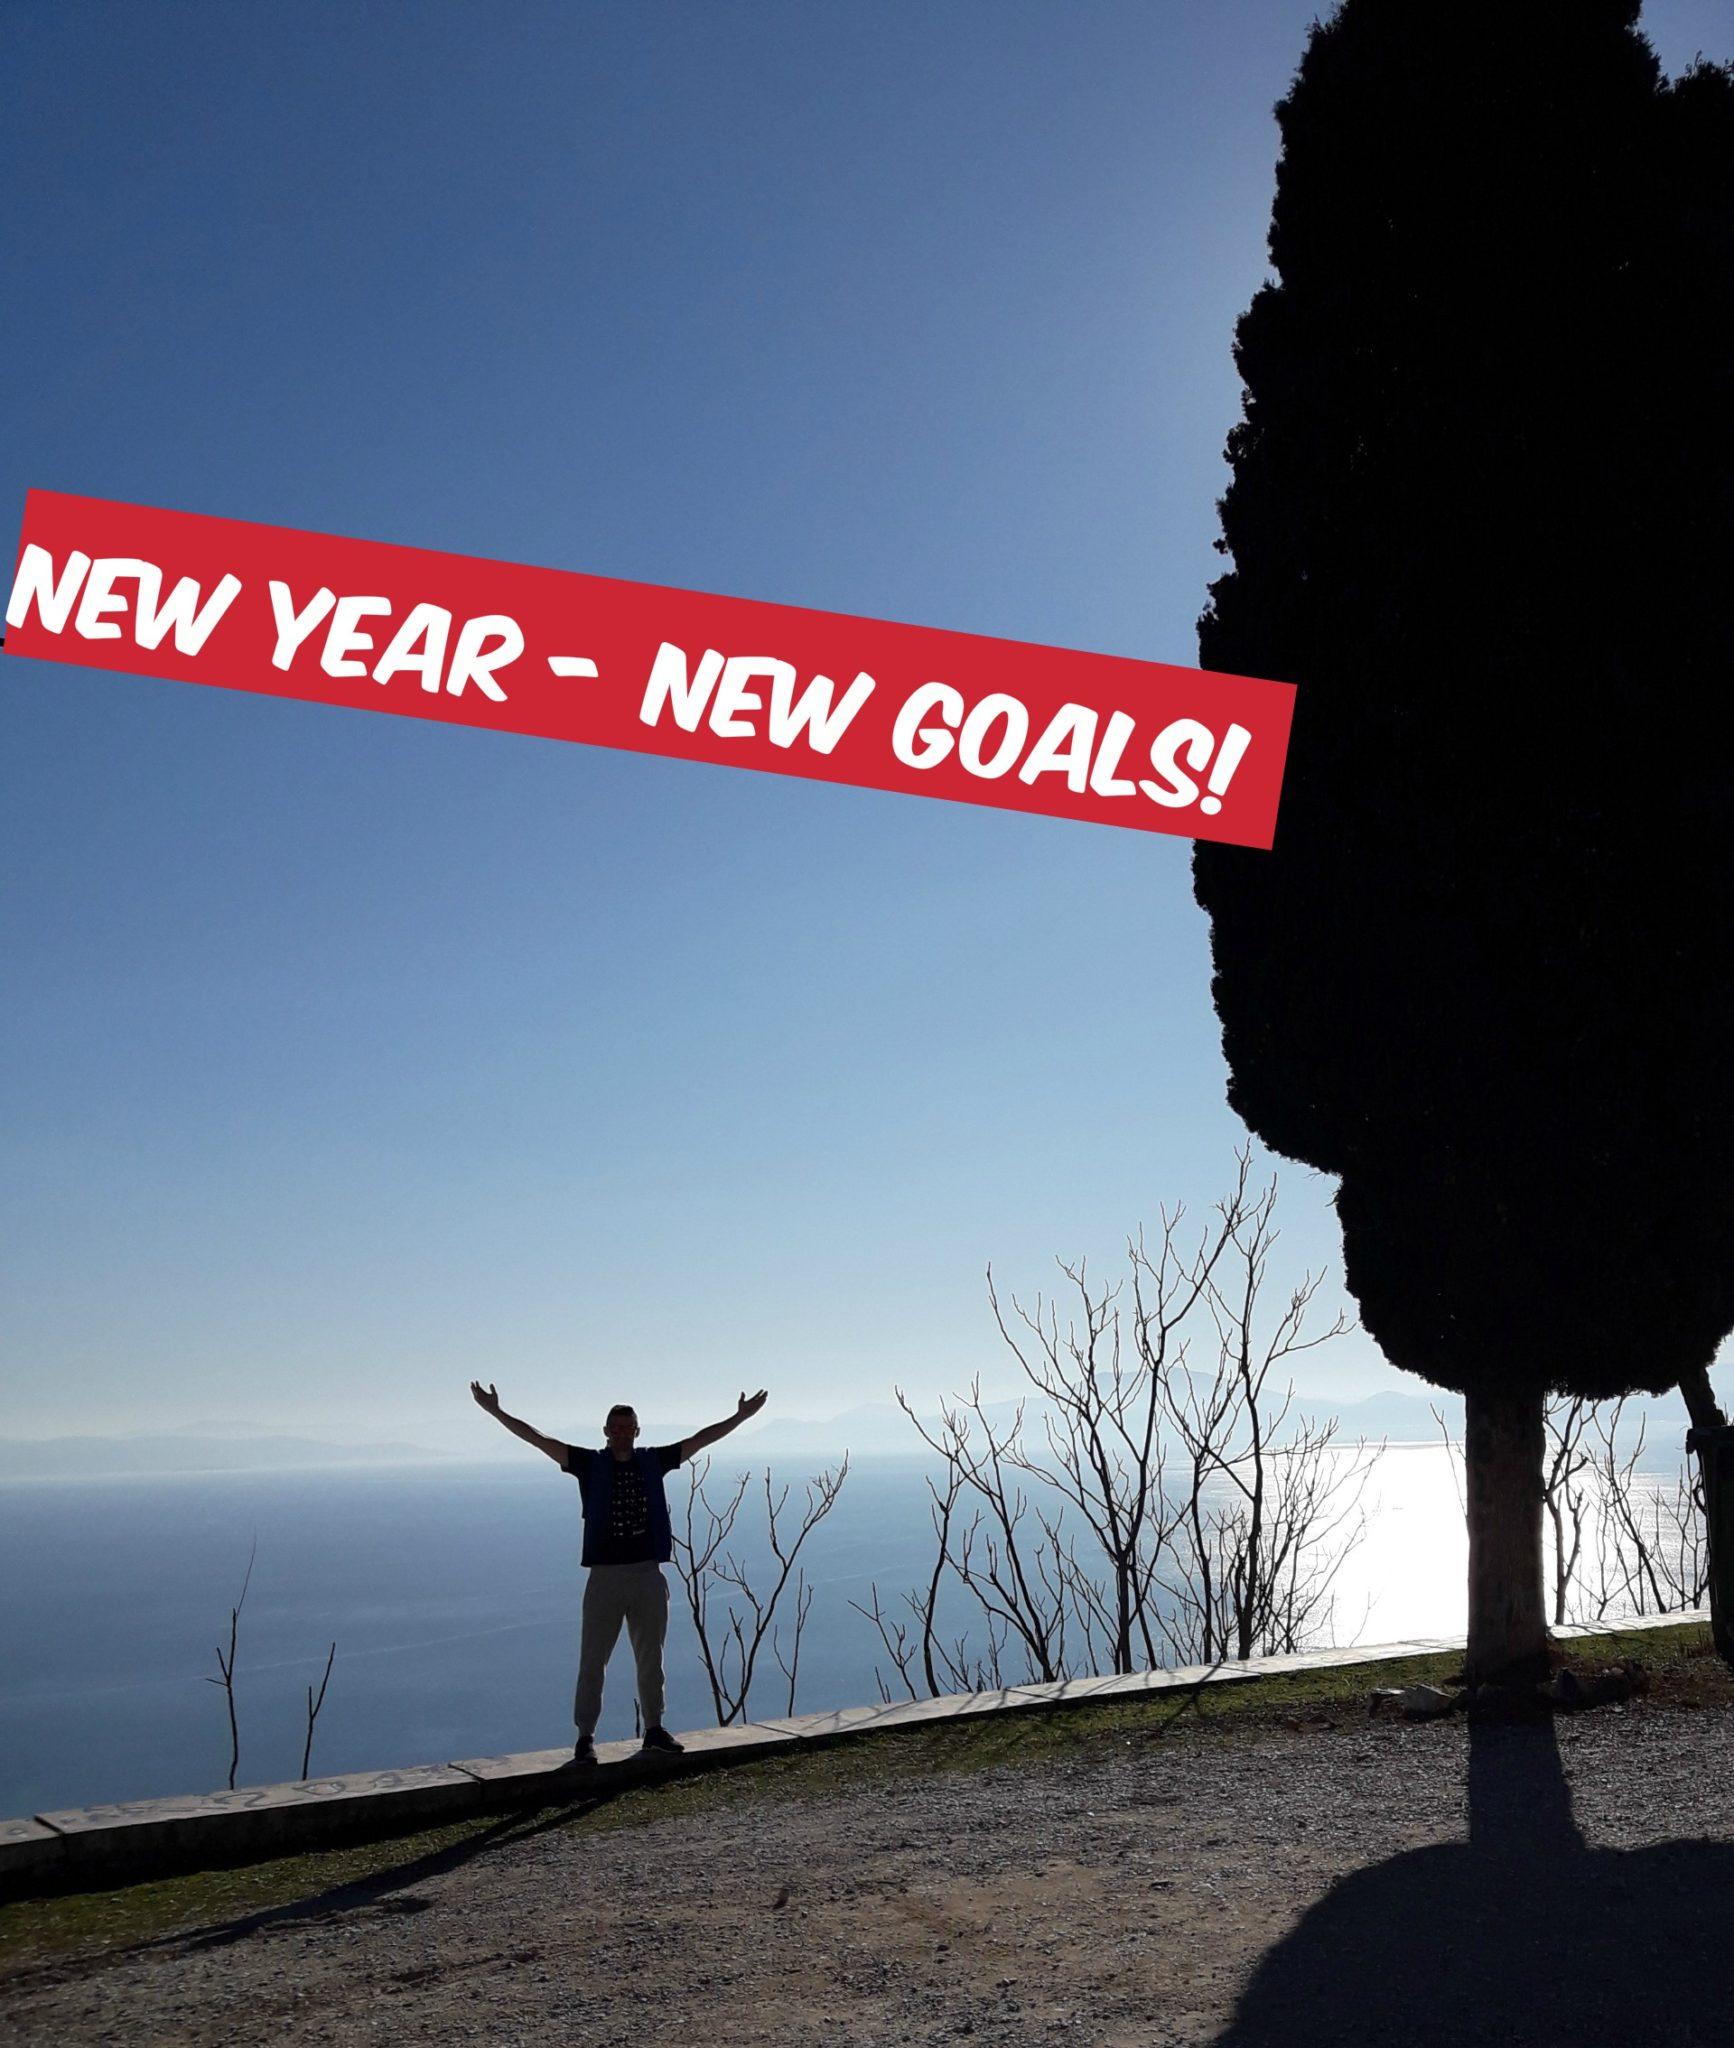 Νέα χρονιά, νέοι στόχοι!